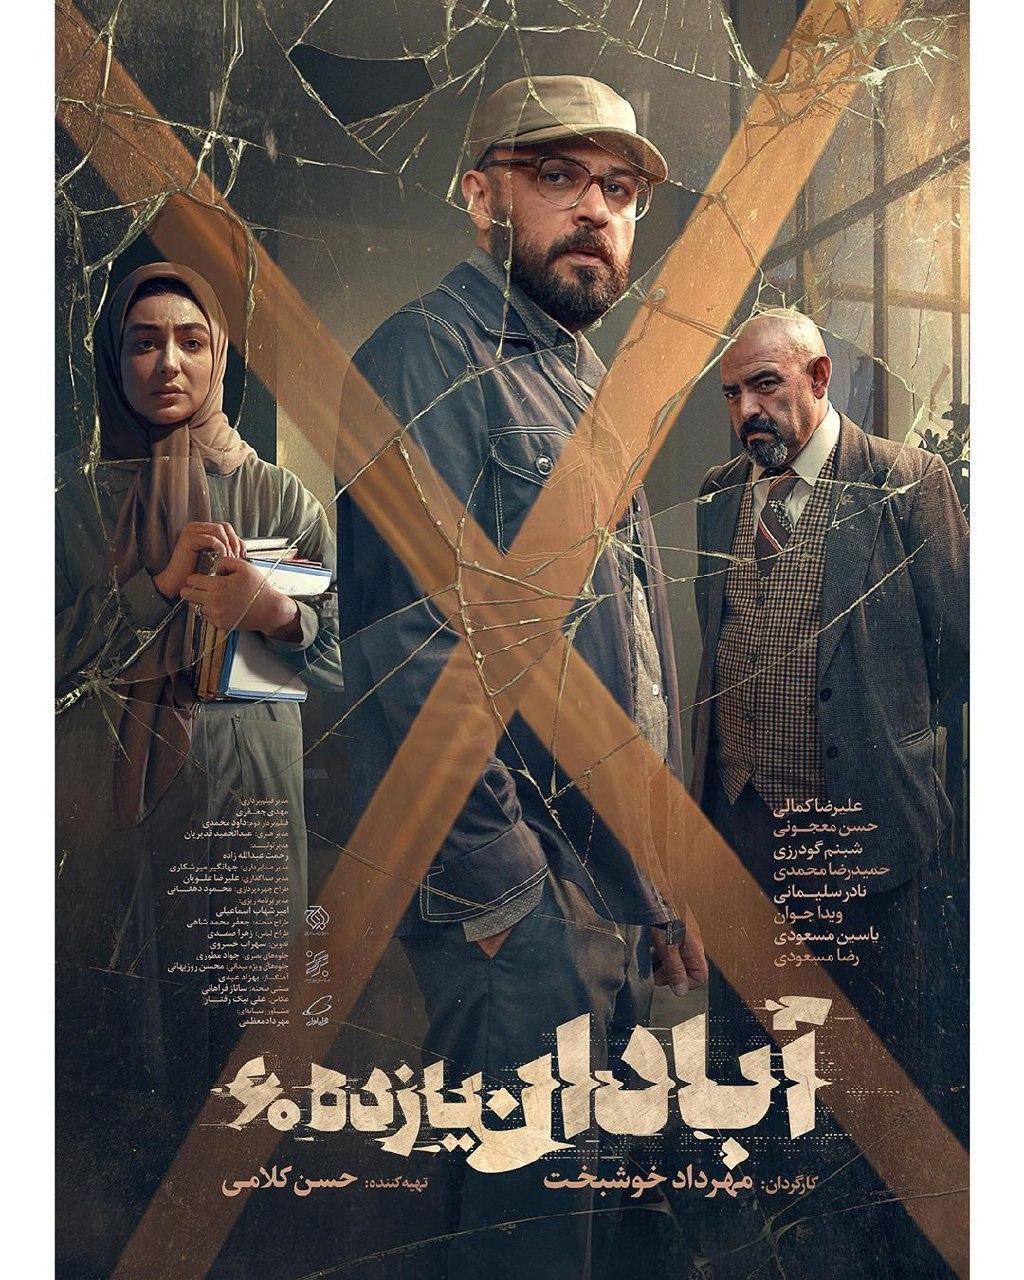 طراح پوستر: محمد تقیپور | پخش از «بهمن سبز»